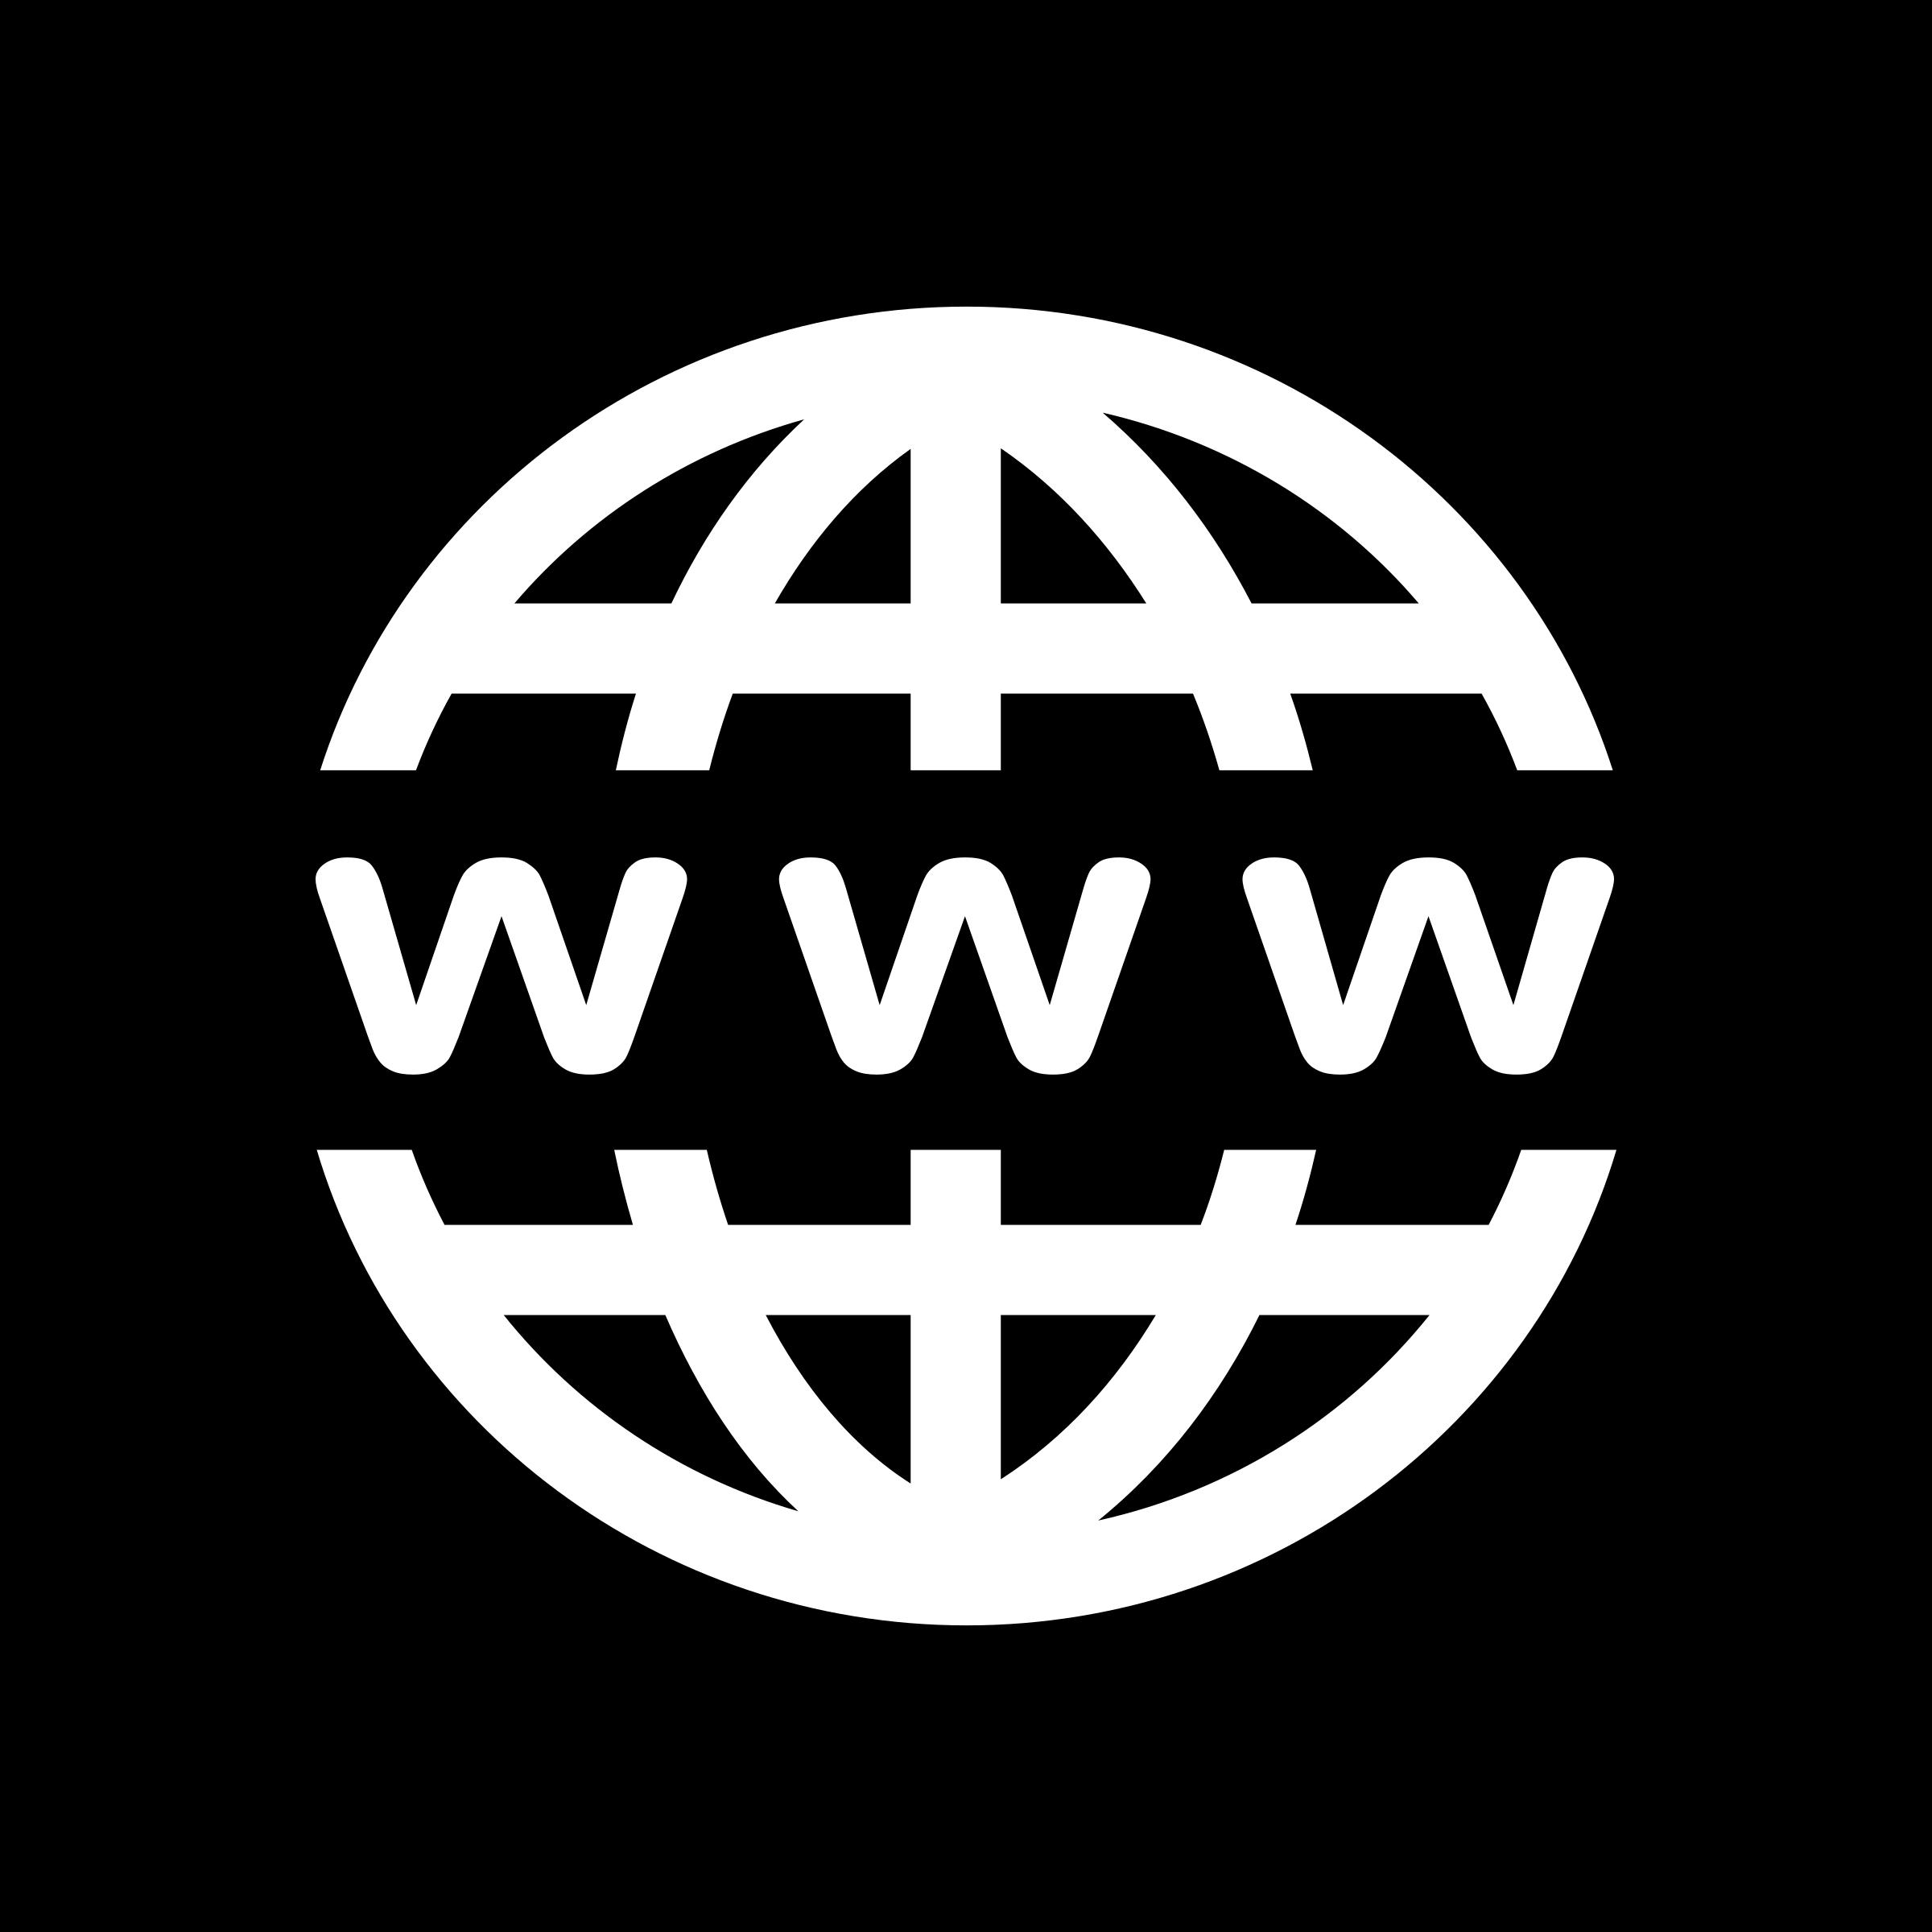 Clipart - WWW Icon - White on Black